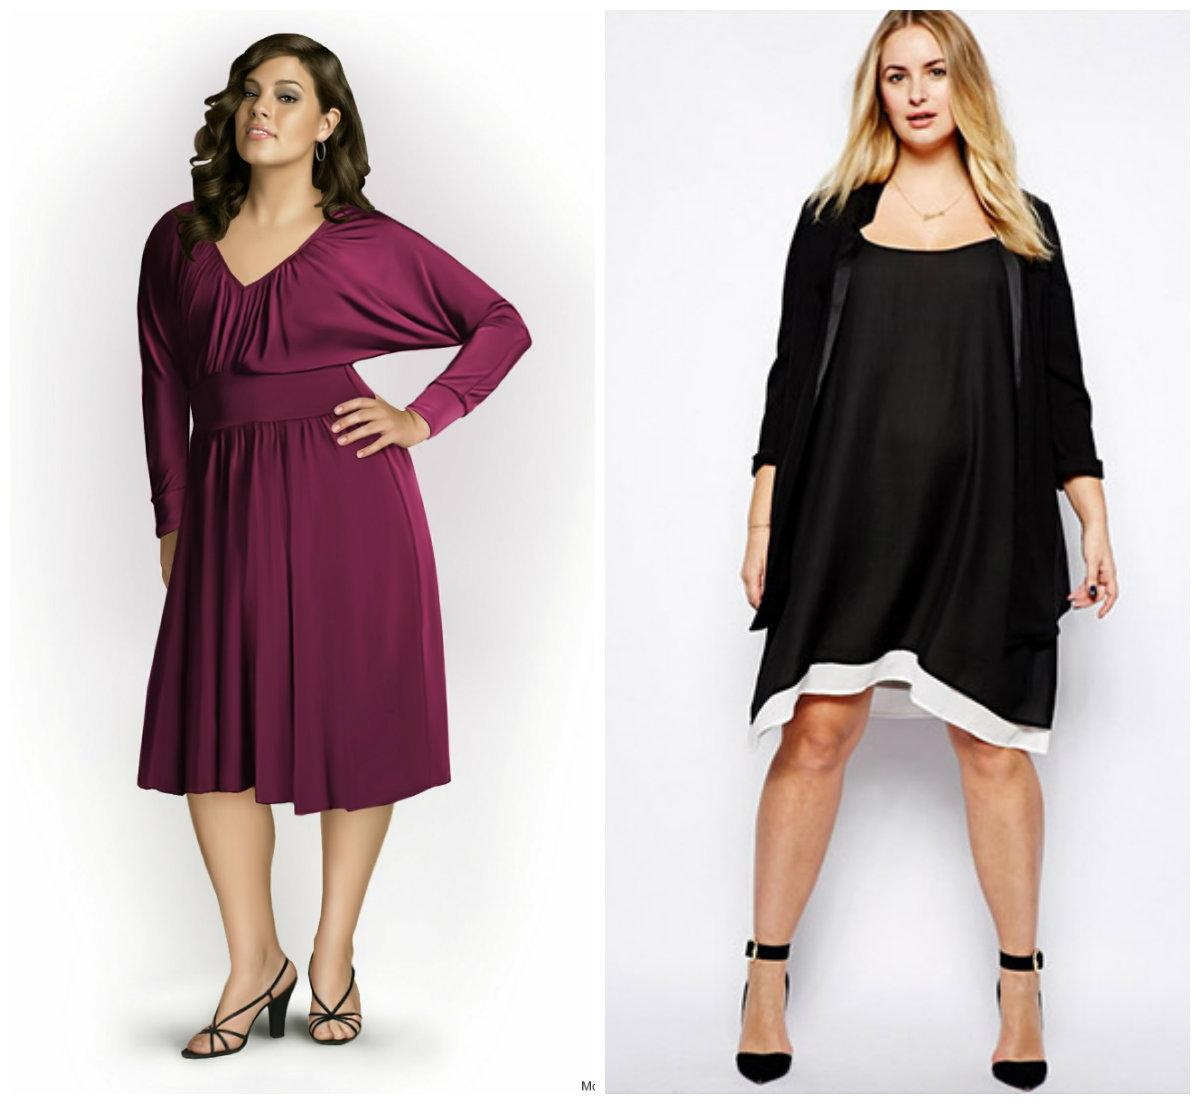 Женская-одежда-больших-размеров-2018-Блузки-Брюки-Принты-Длина-фото-Одежда для полных 2018